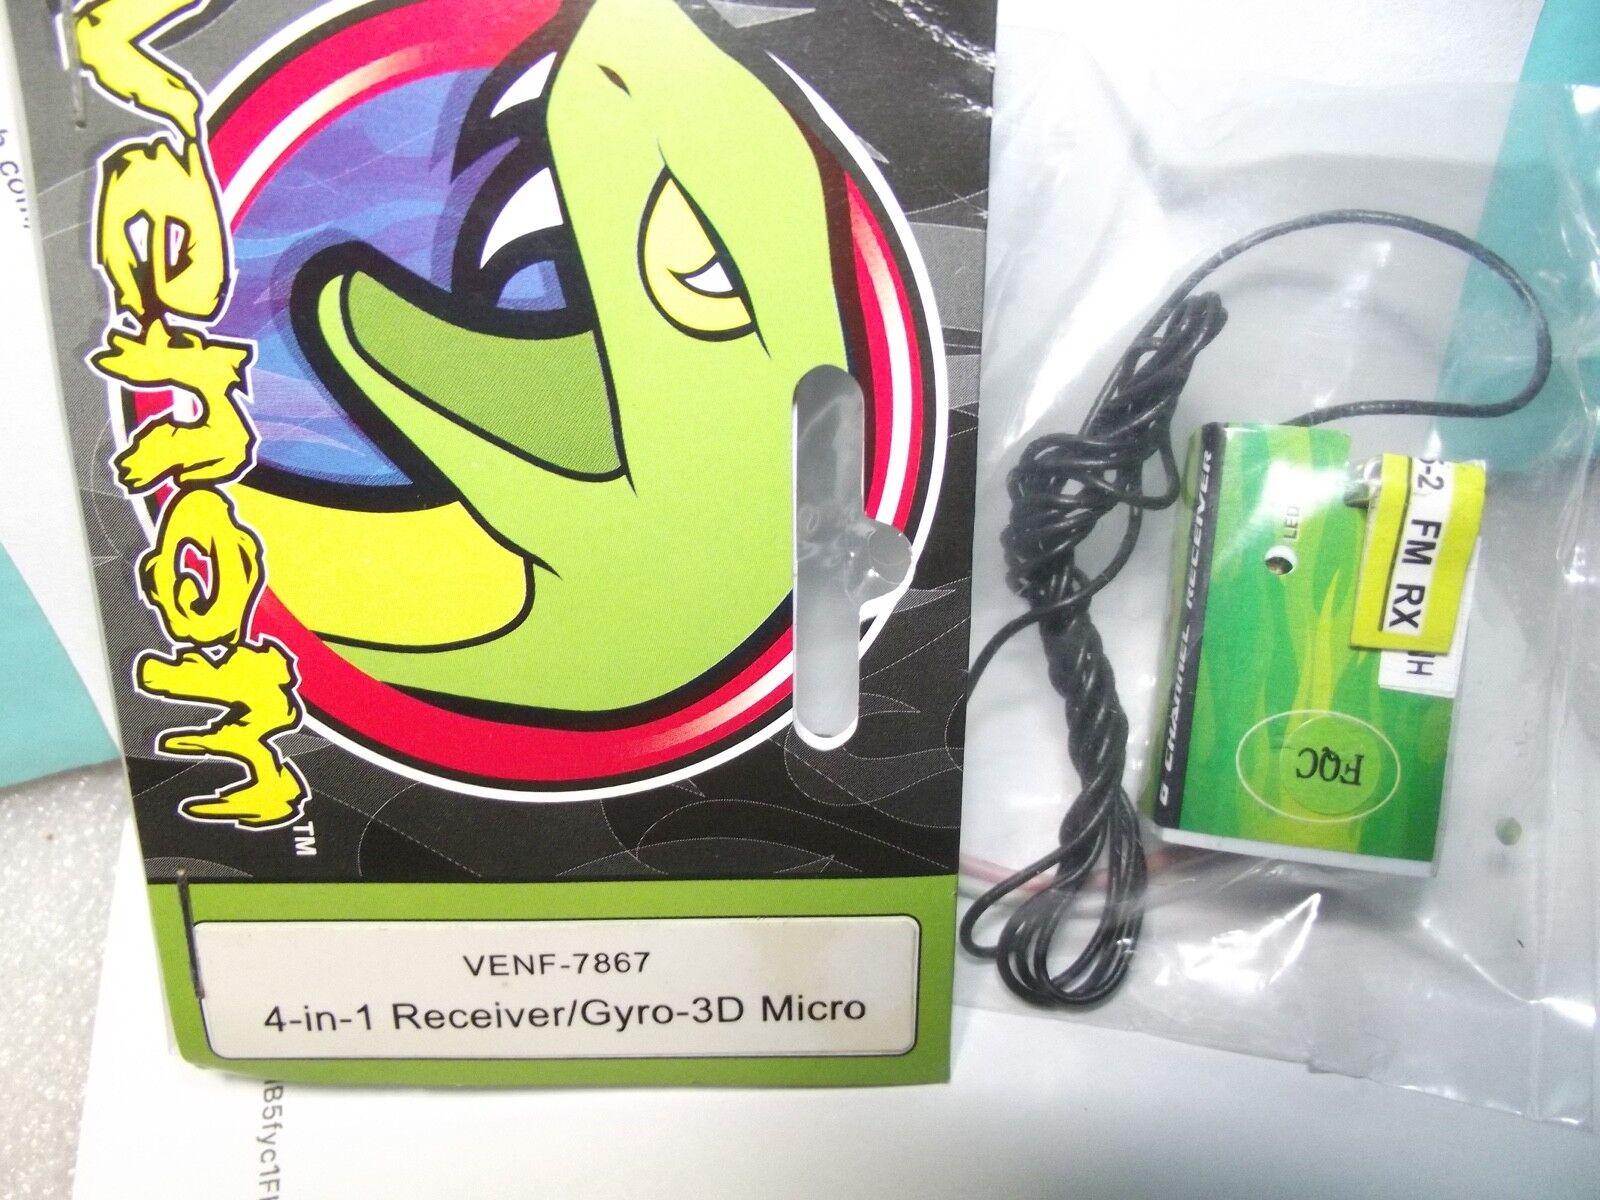 Venom -VENF-7867 4-in-1 Receiver Gyro-3D Micro